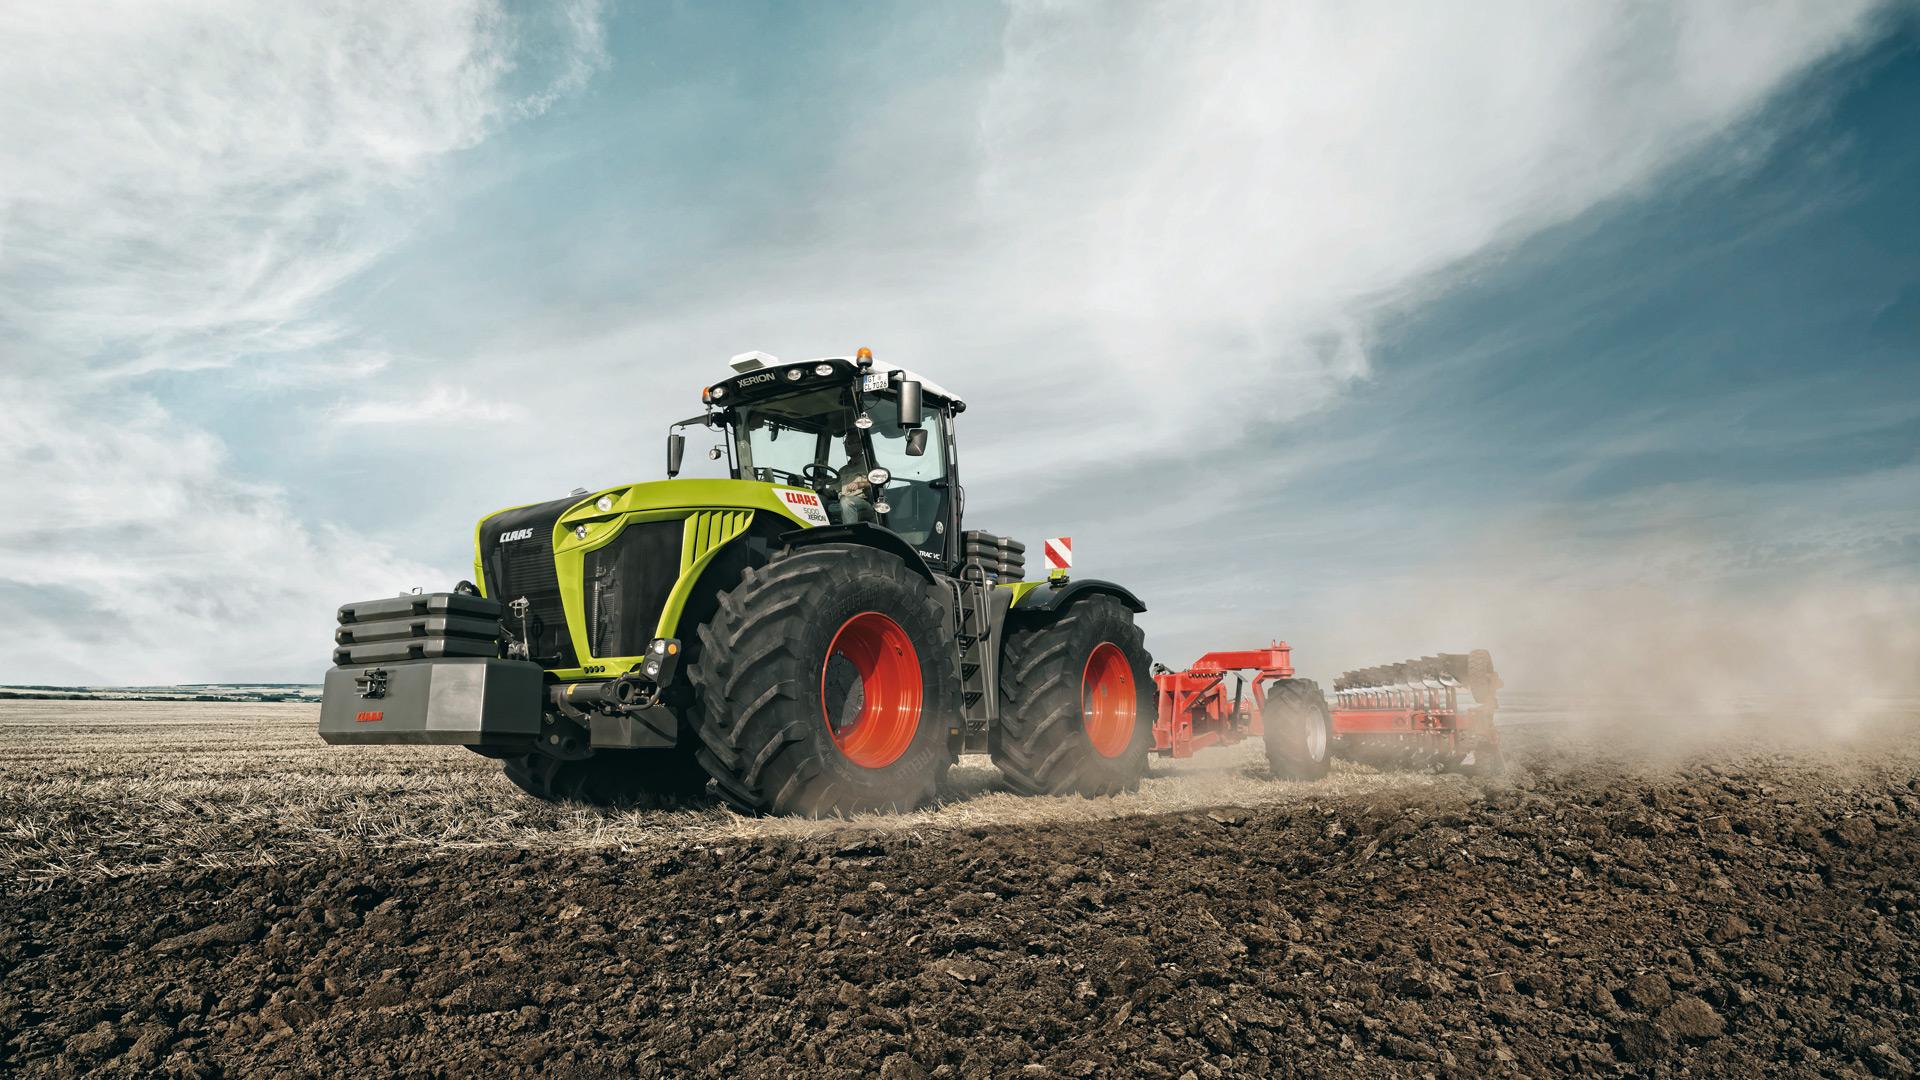 Сельхозтехника в поле картинки